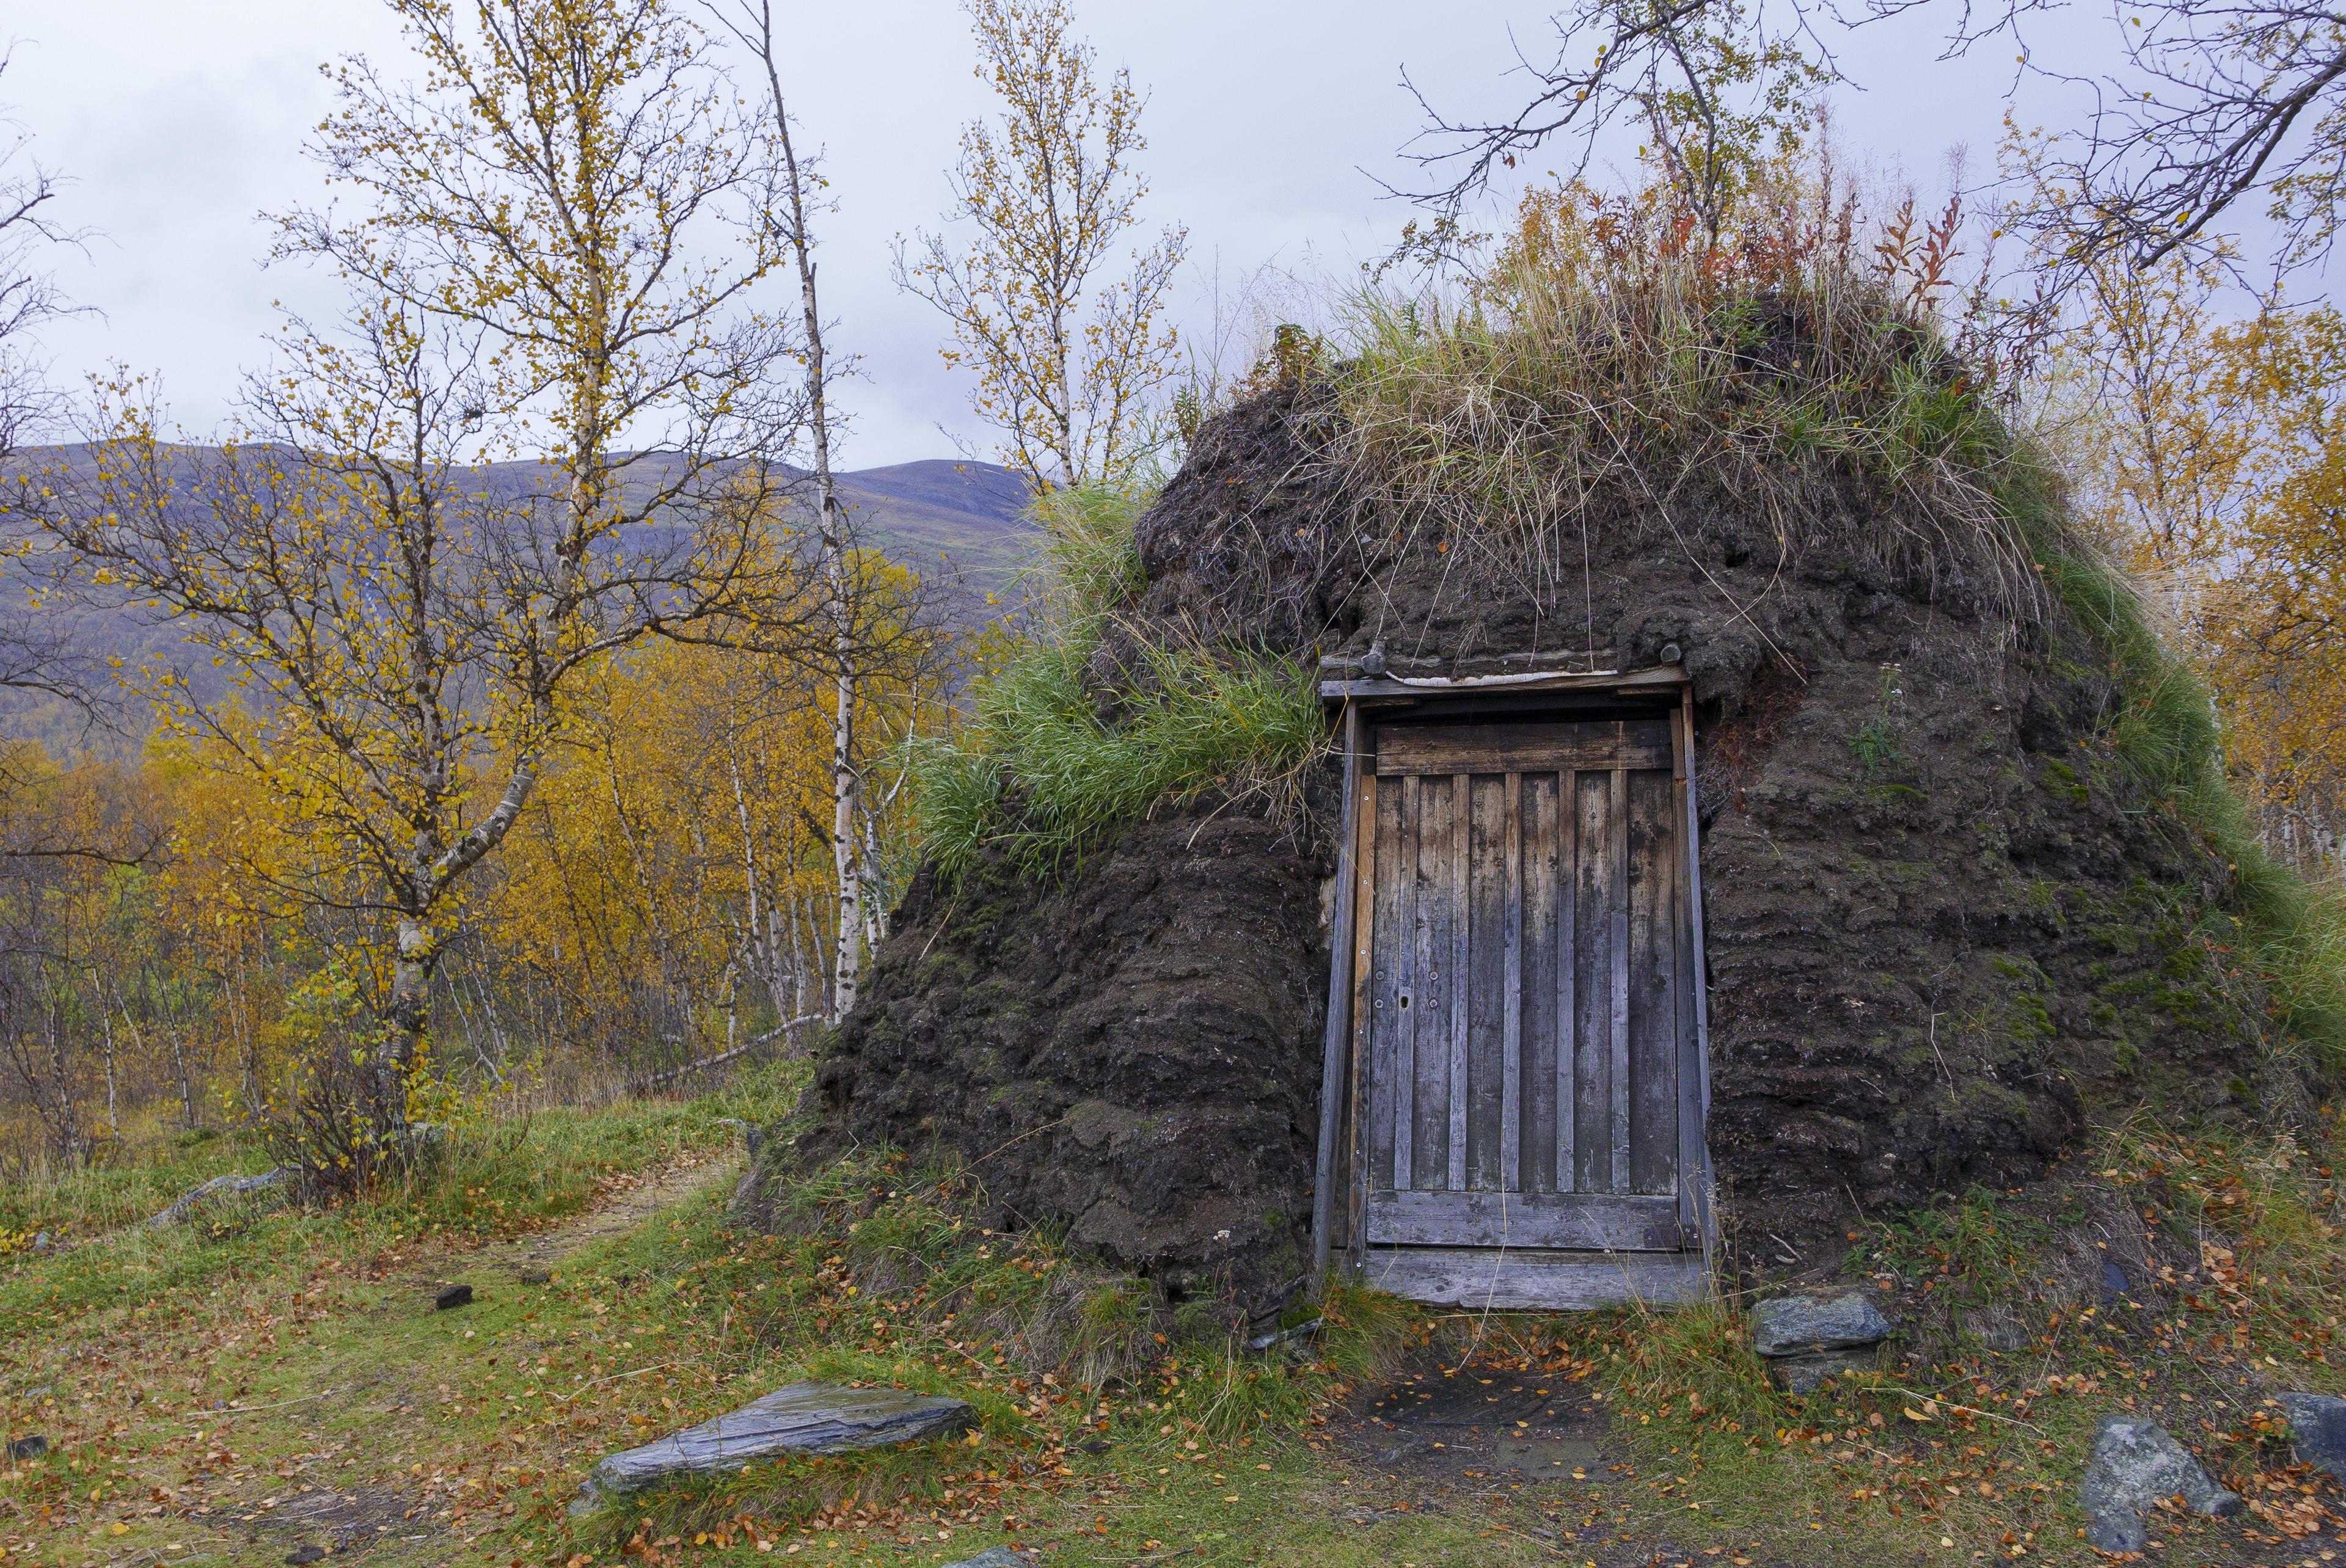 Sami Camp / Abisko,©Markus Proske—Panasonic DMC-LX100, 31mm, 1/80s, Blende 5.6, ISO 250